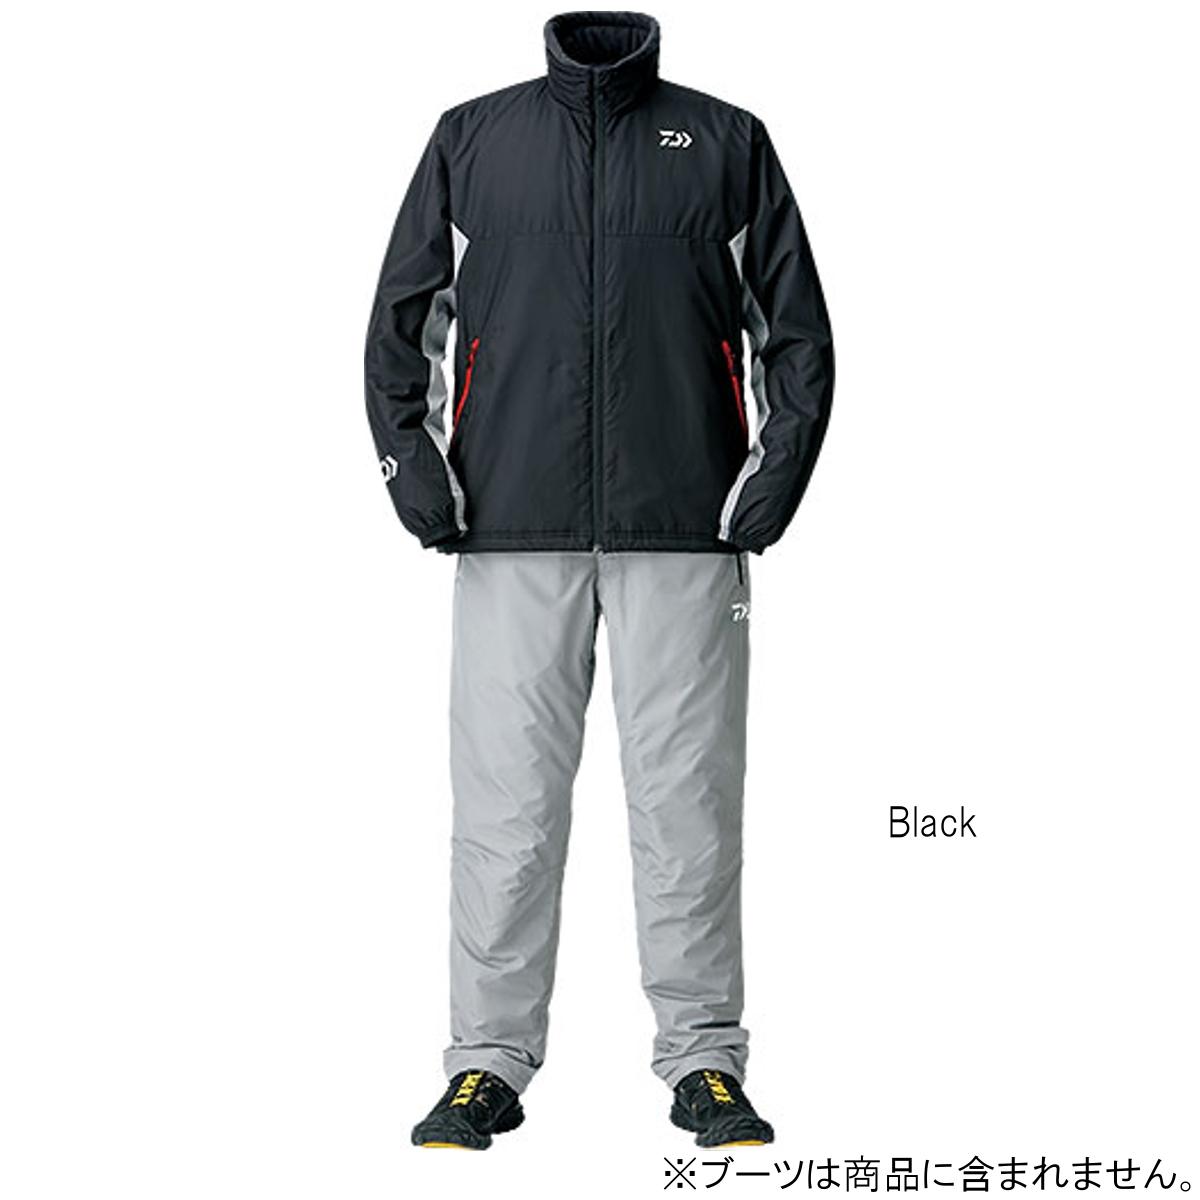 ダイワ ウォームアップスーツ DI-52008 M Black(東日本店)